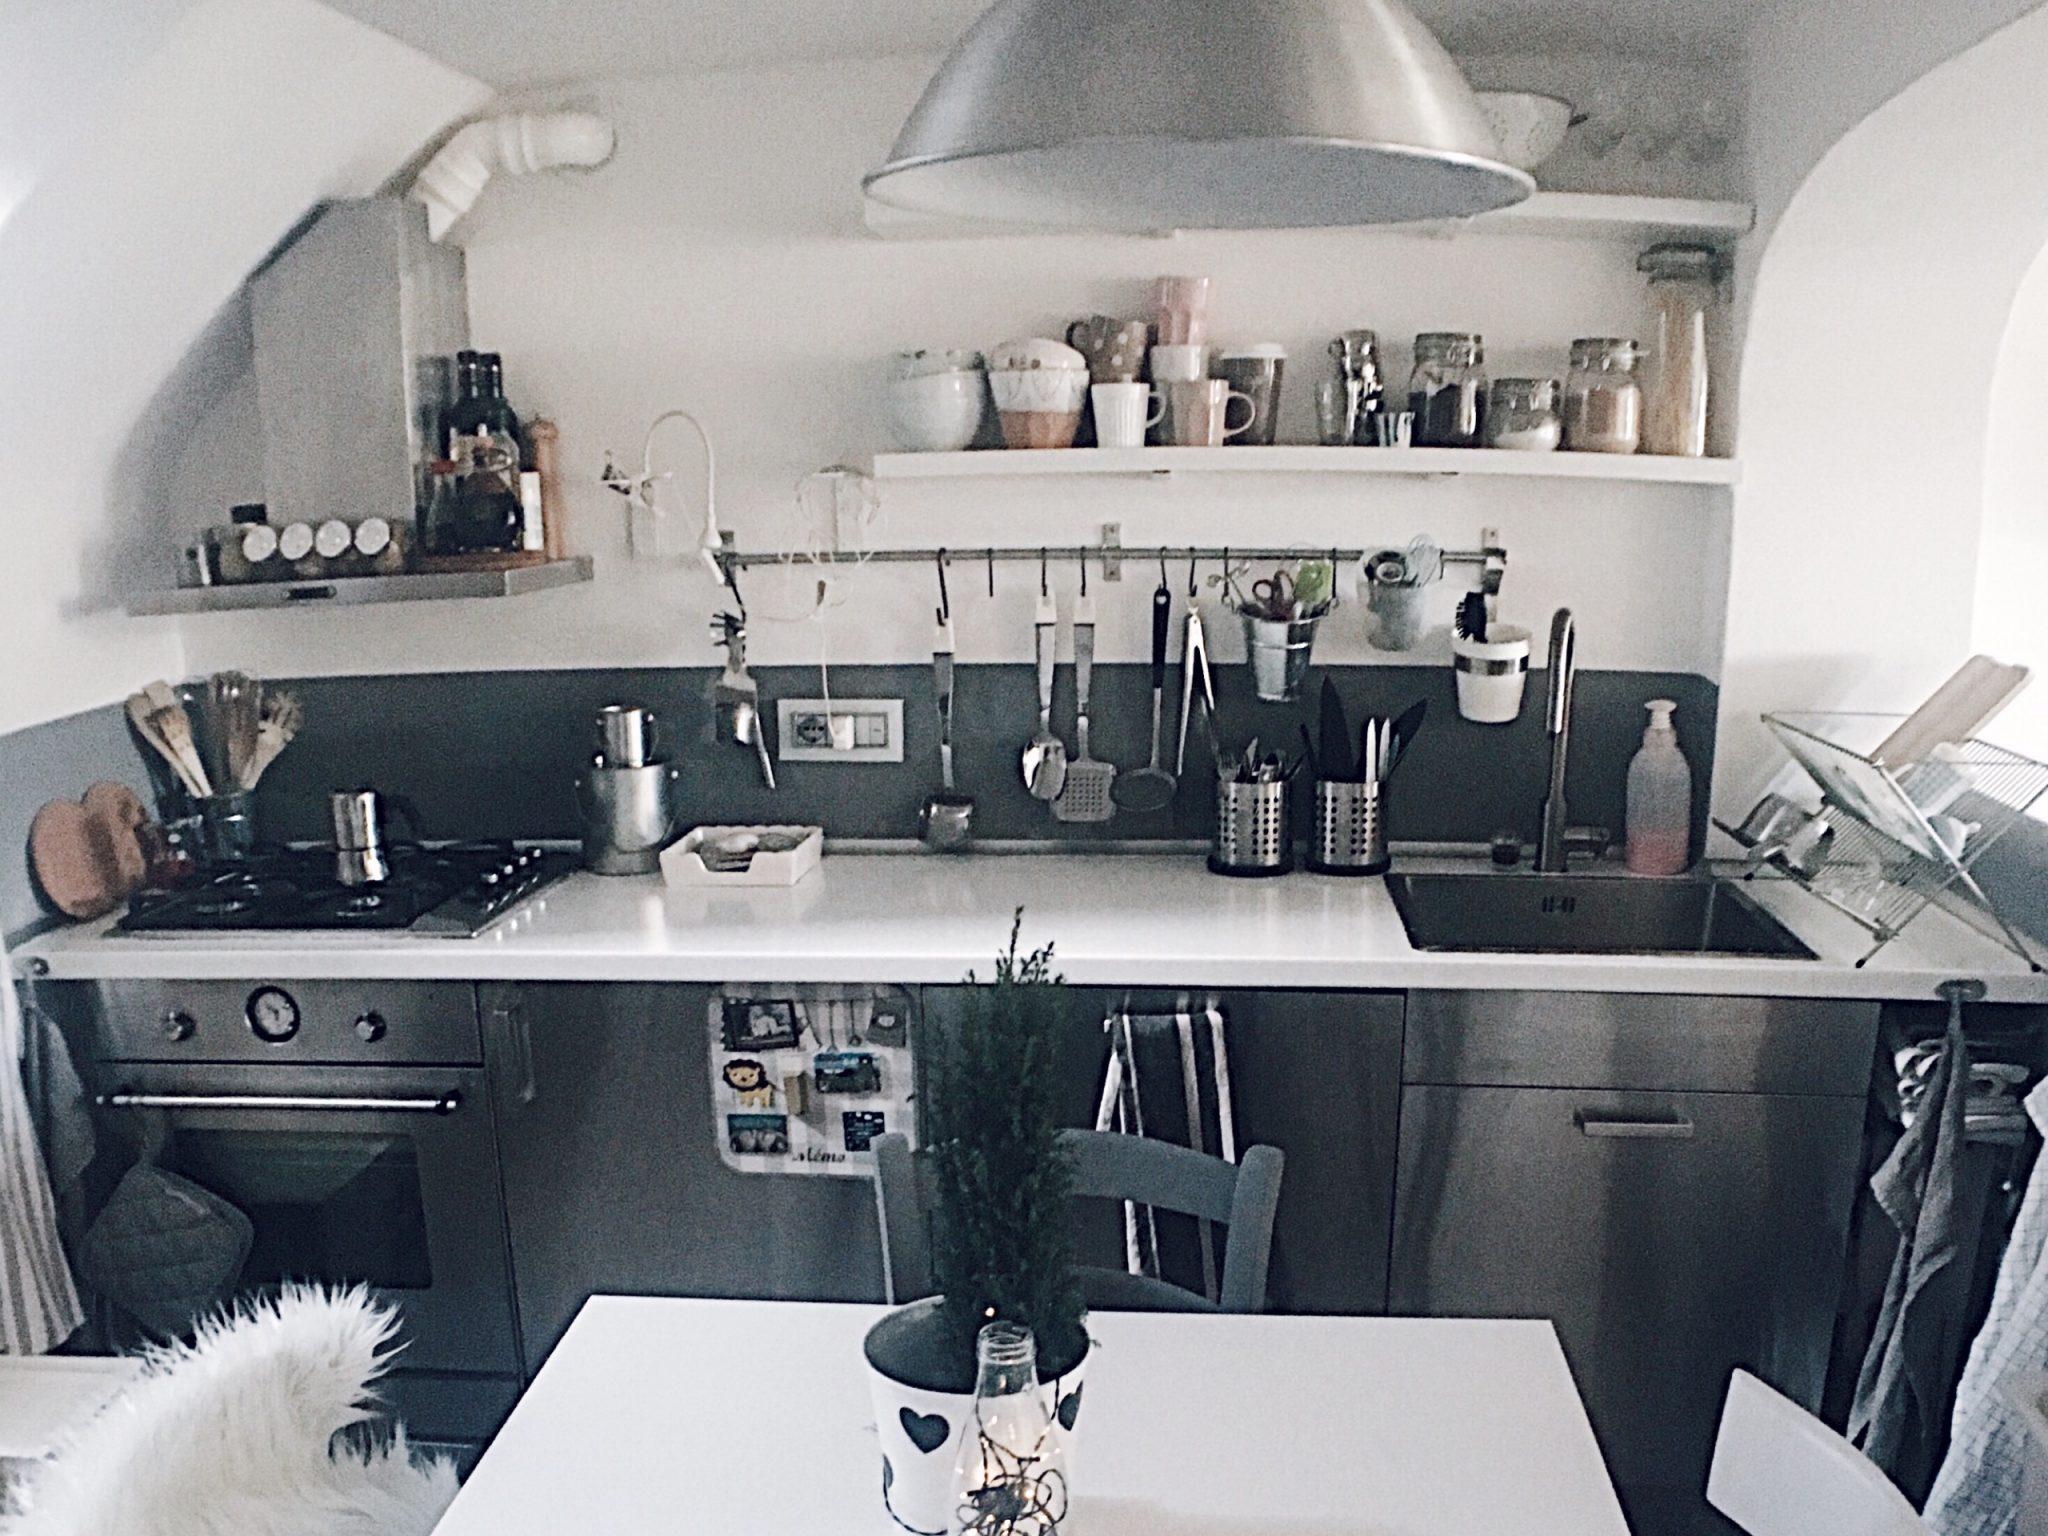 Kitchen Restyle - Come rinnovare la cucina in 10 giorni! - Mammaglamour